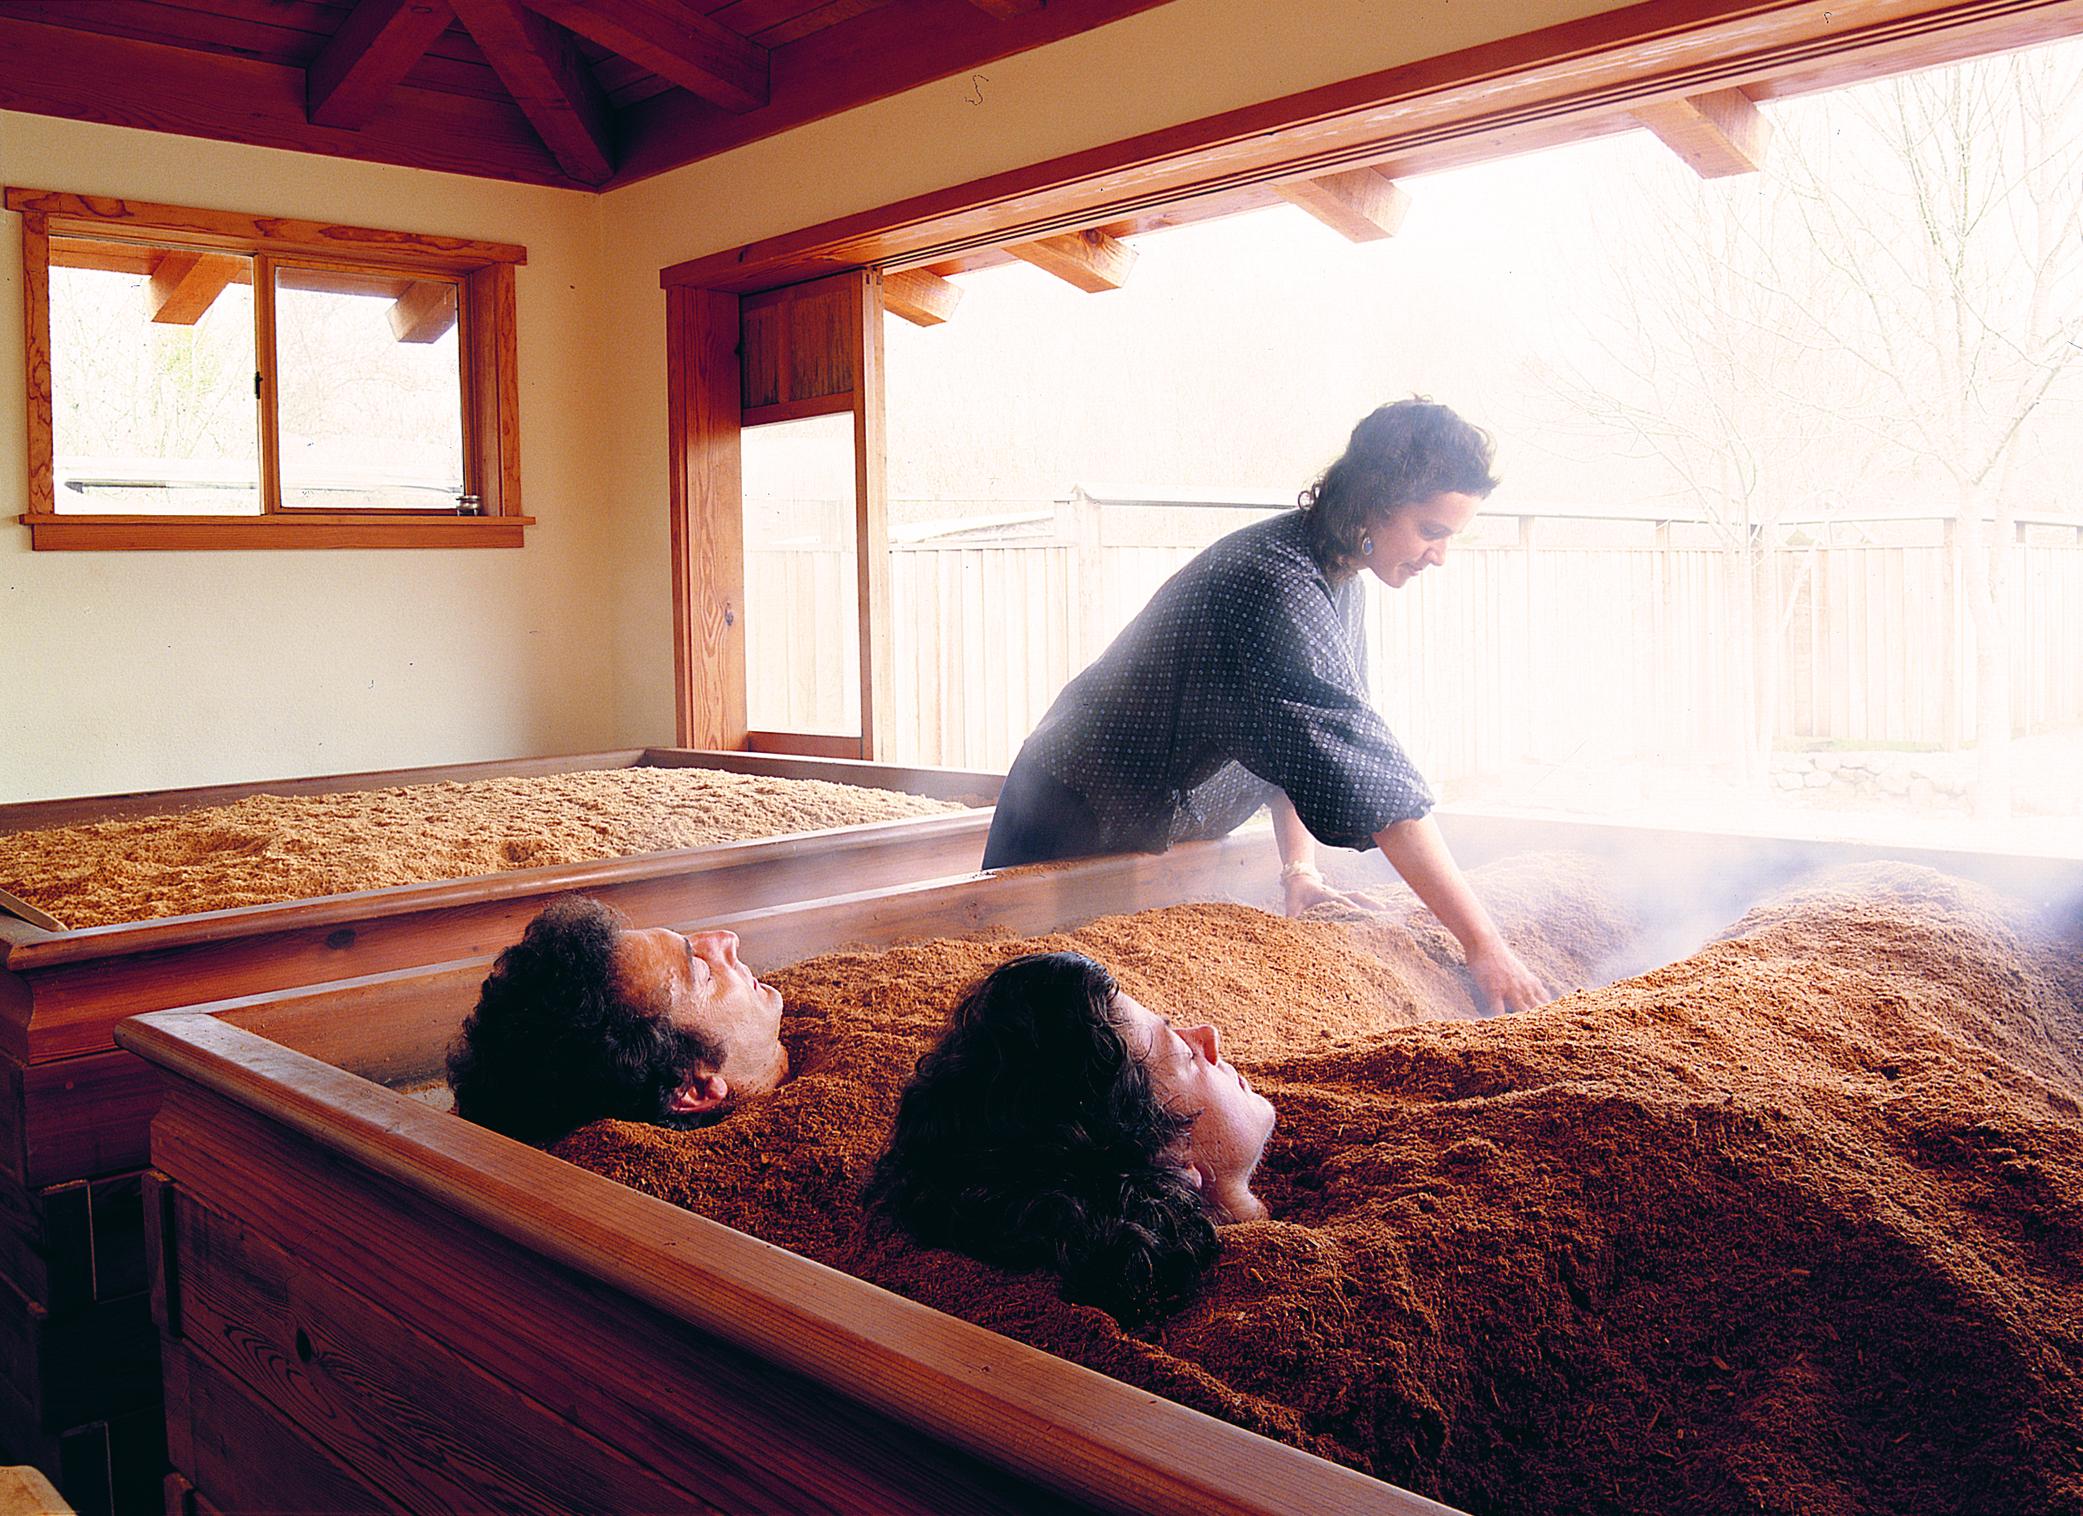 Cedar Enzyme Bath at Osmosis Day Spa in Fresstone, Sonoma County, California